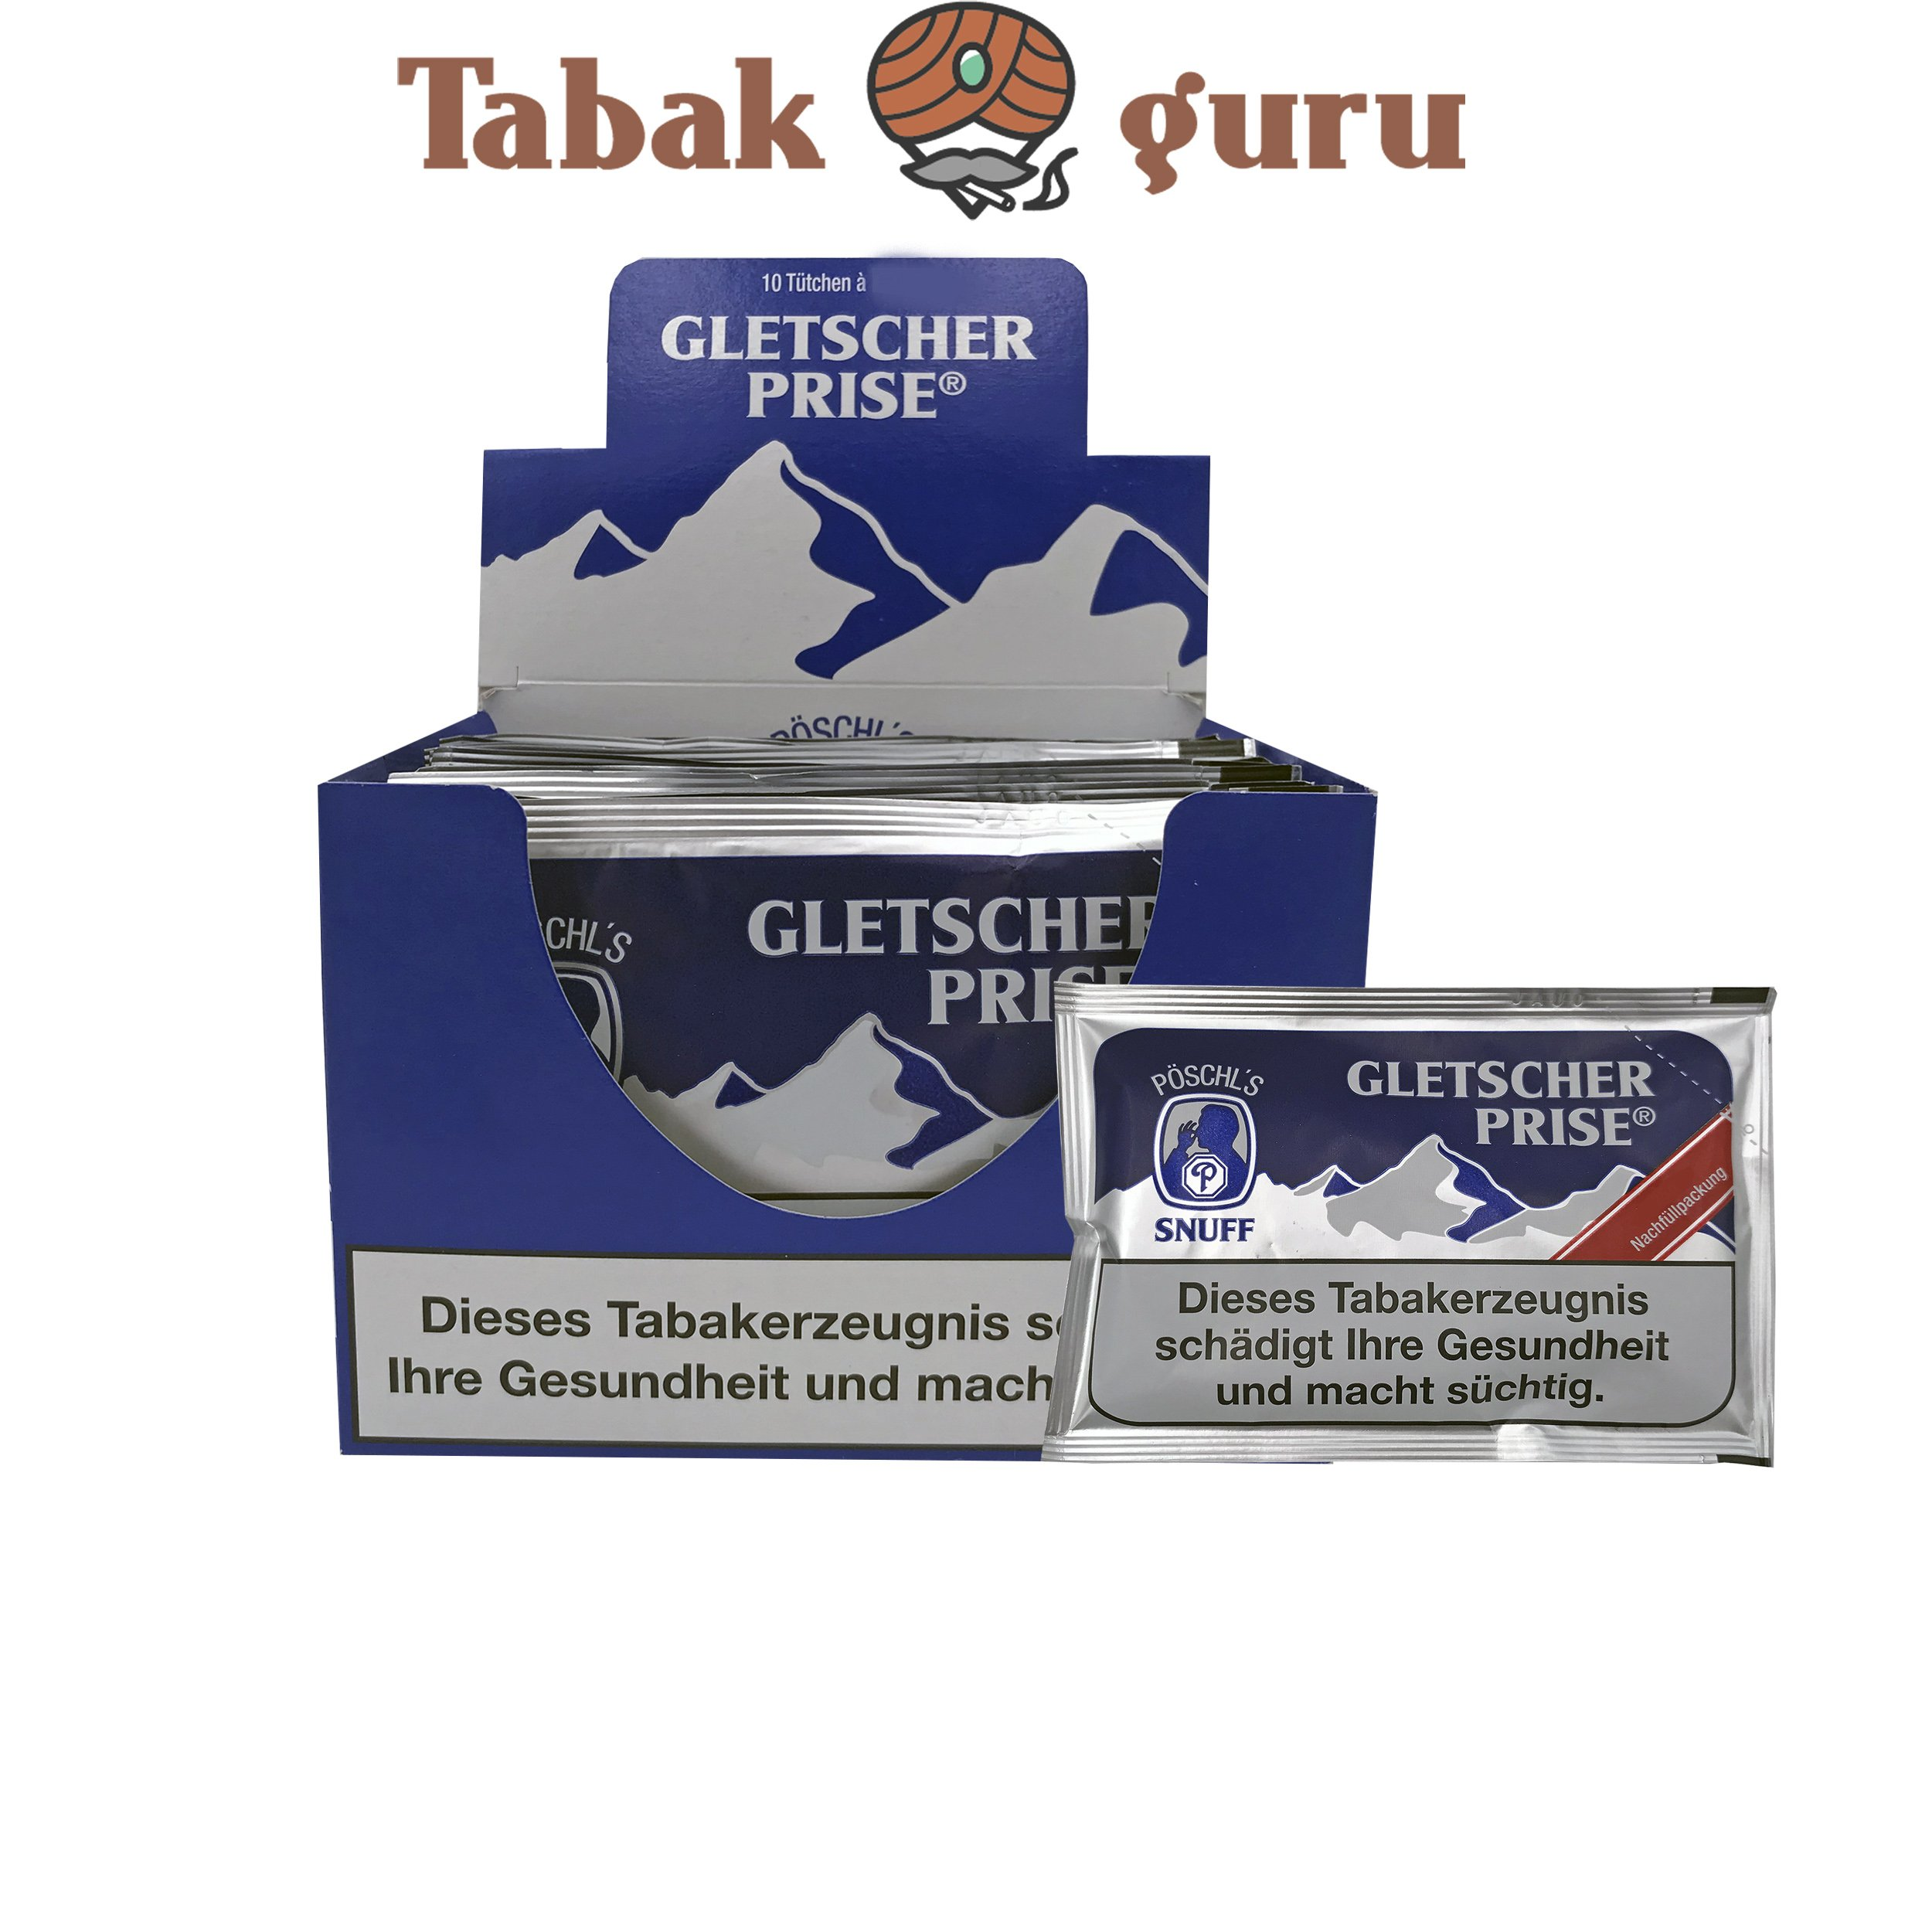 10x Gletscher Prise Snuff Schnupftabak 25g Beutel